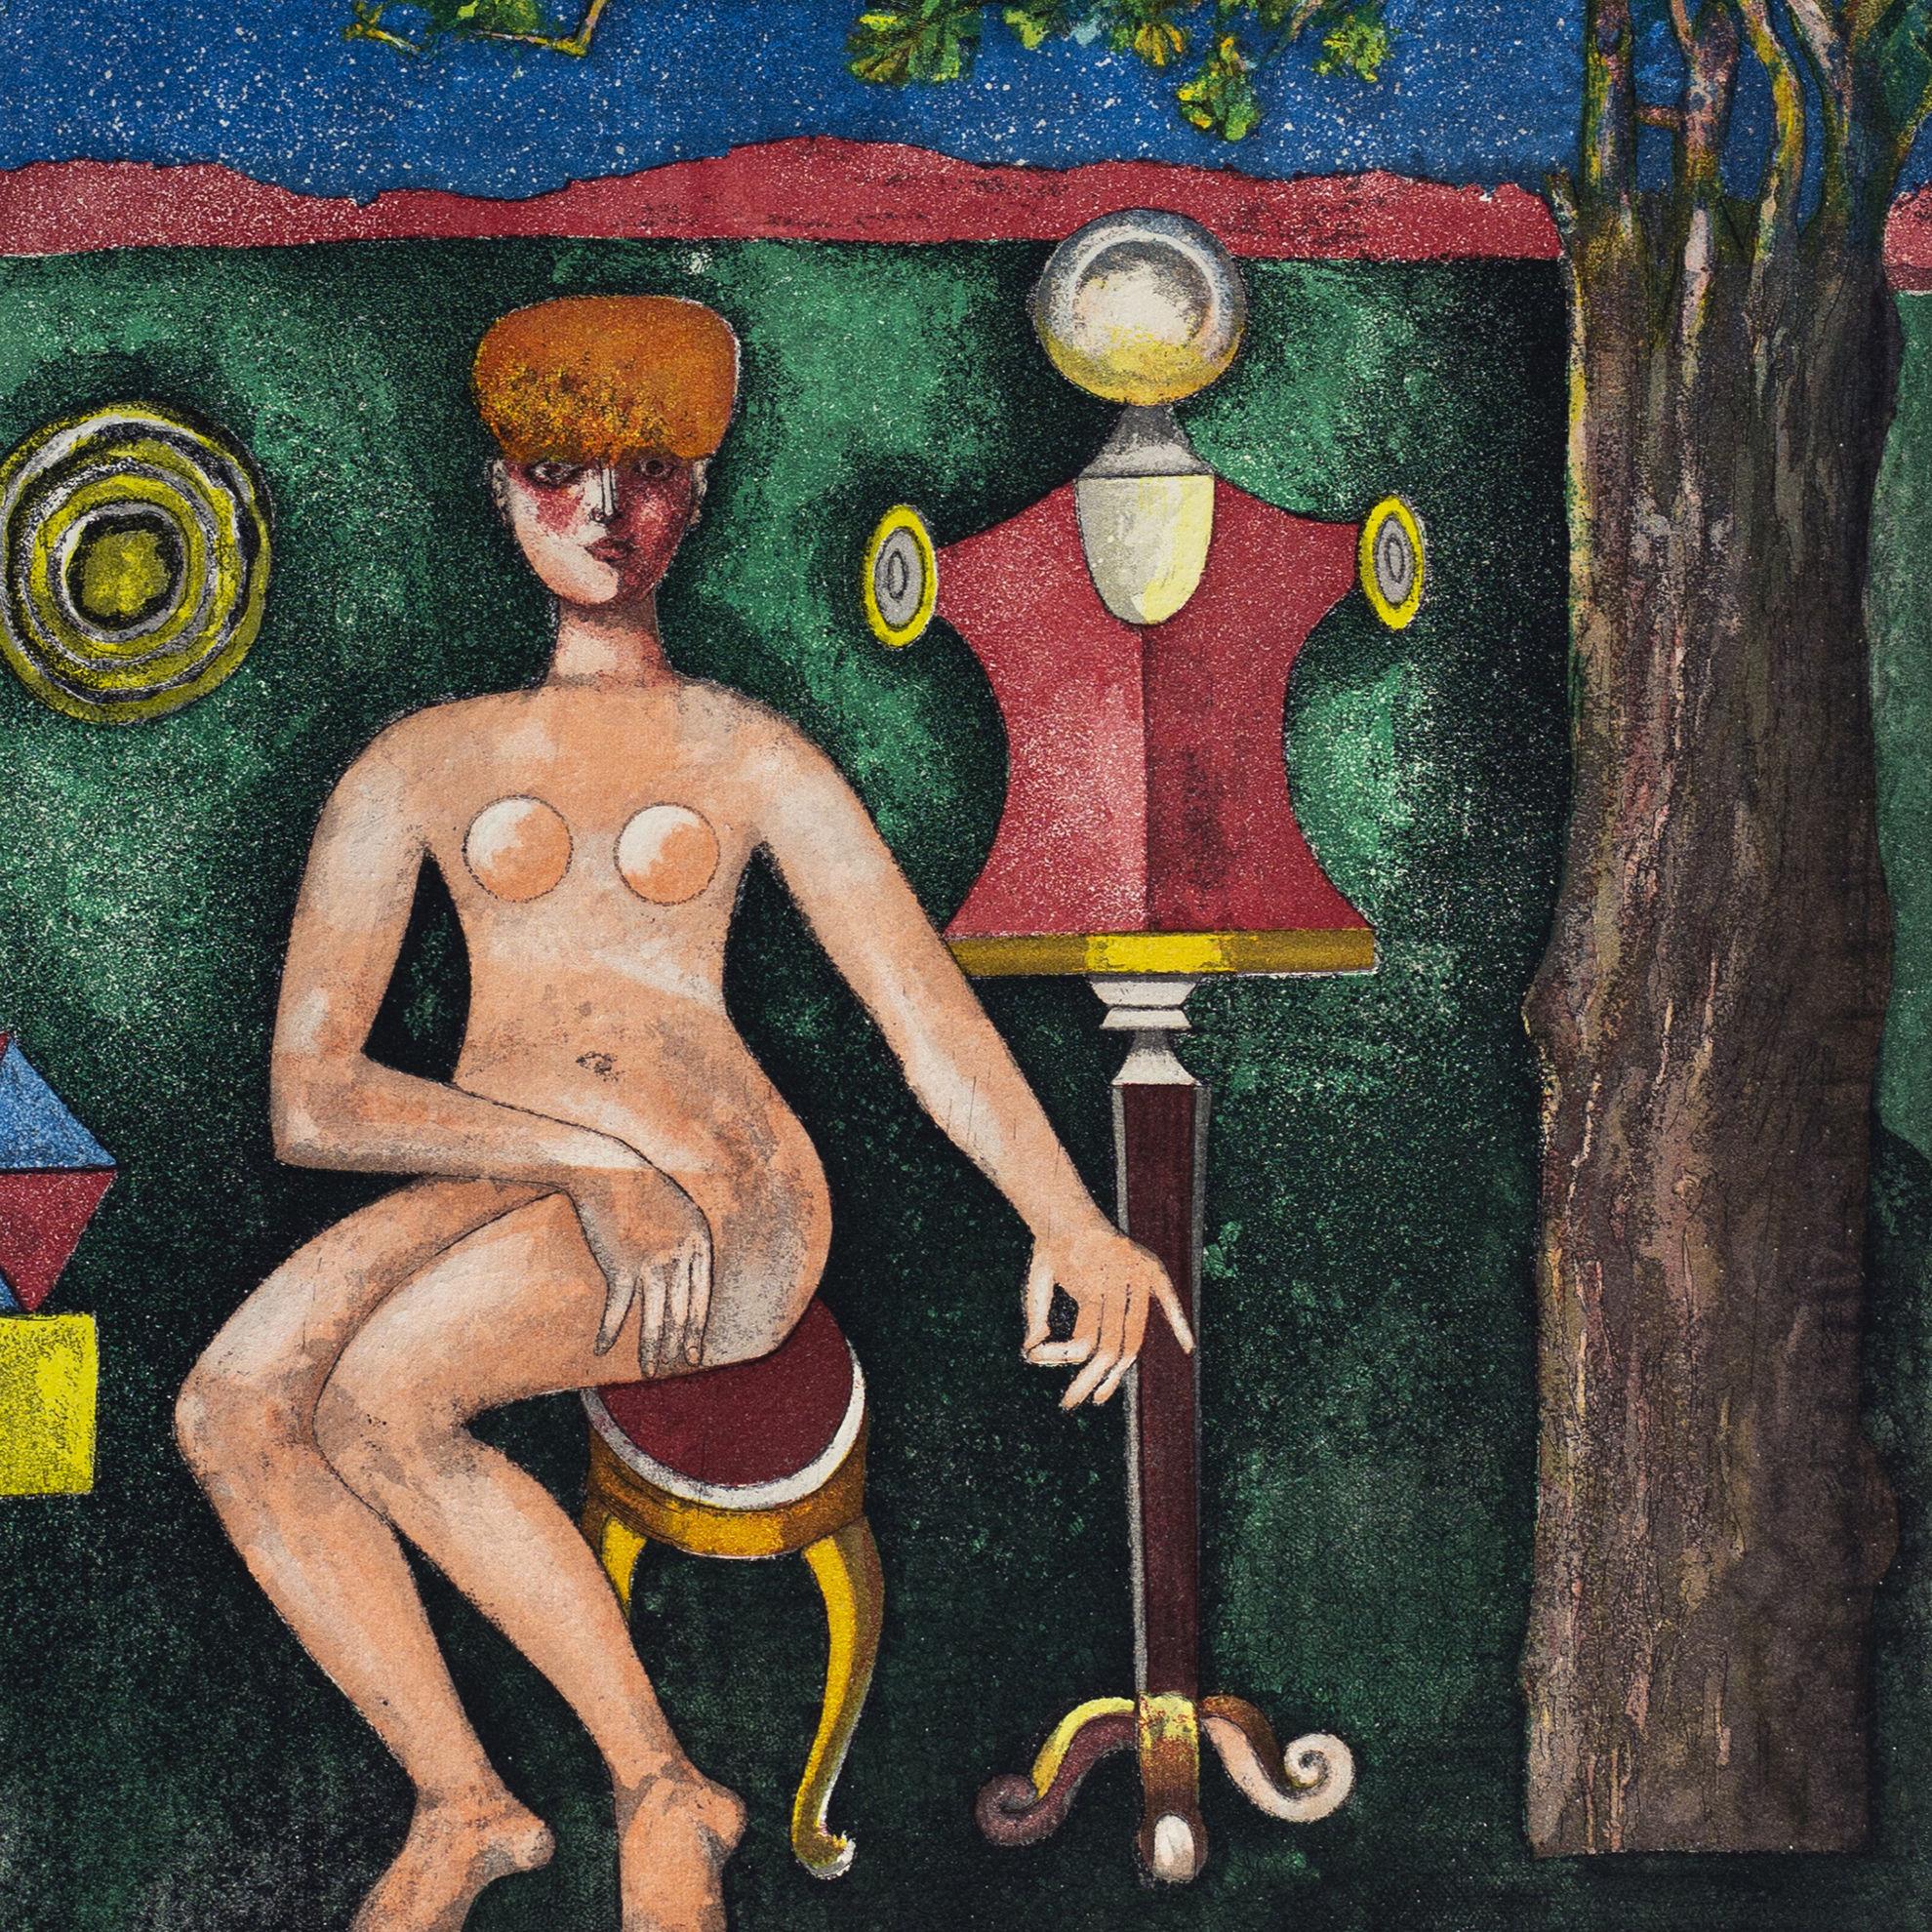 Immagine di Nudo in giardino